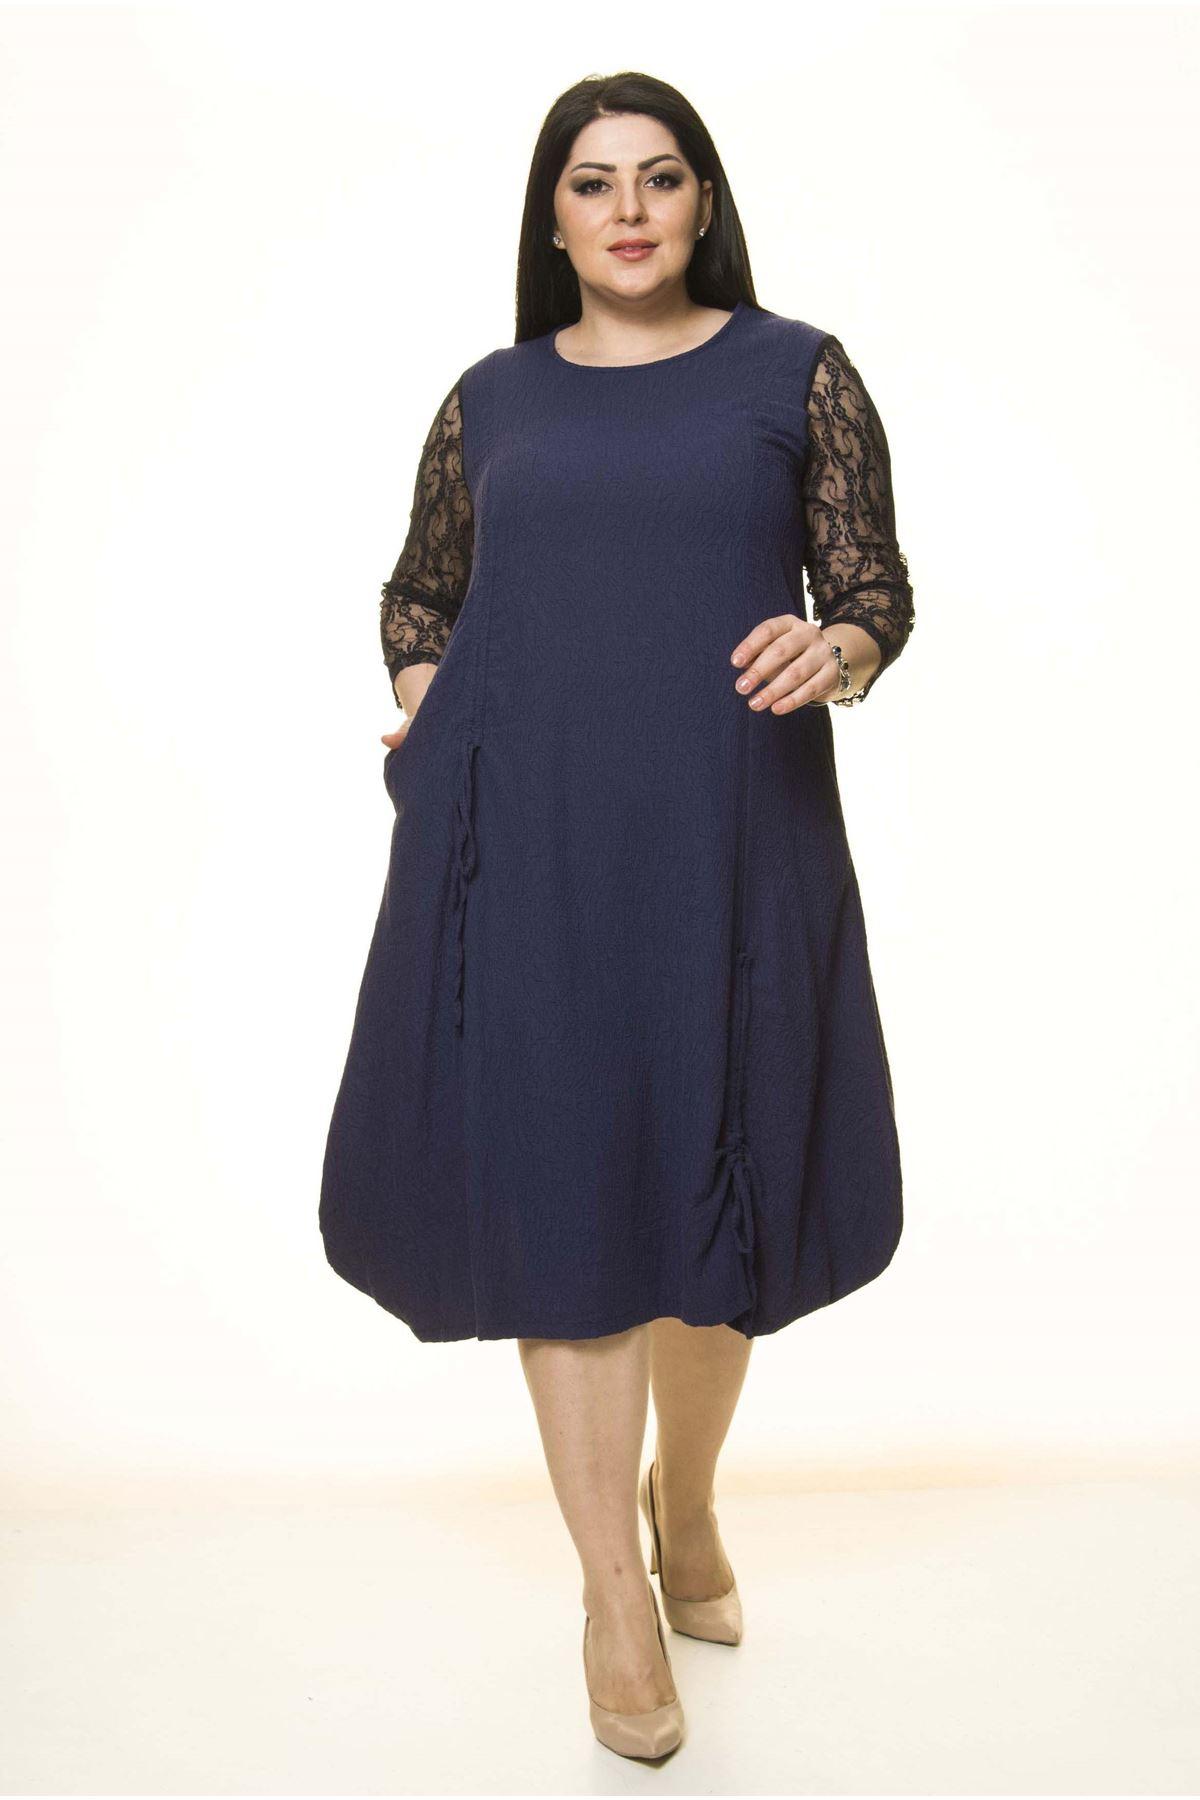 Lacivert Dantel Kollu Büyük Beden Elbise G10-1667